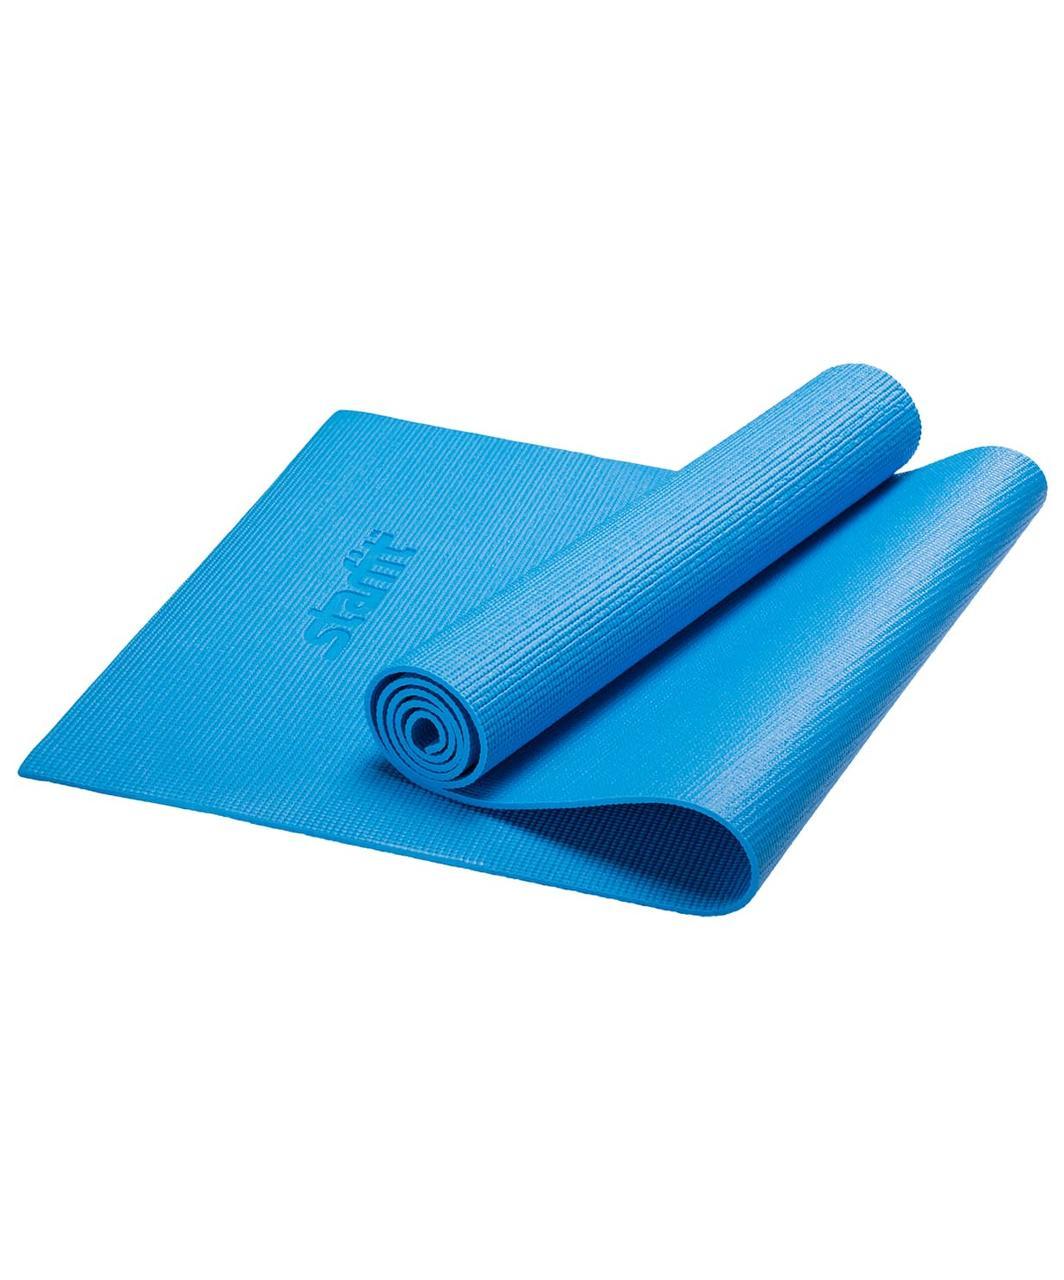 Коврик для йоги FM-101, PVC, 173x61x0,3 см,  Starfit